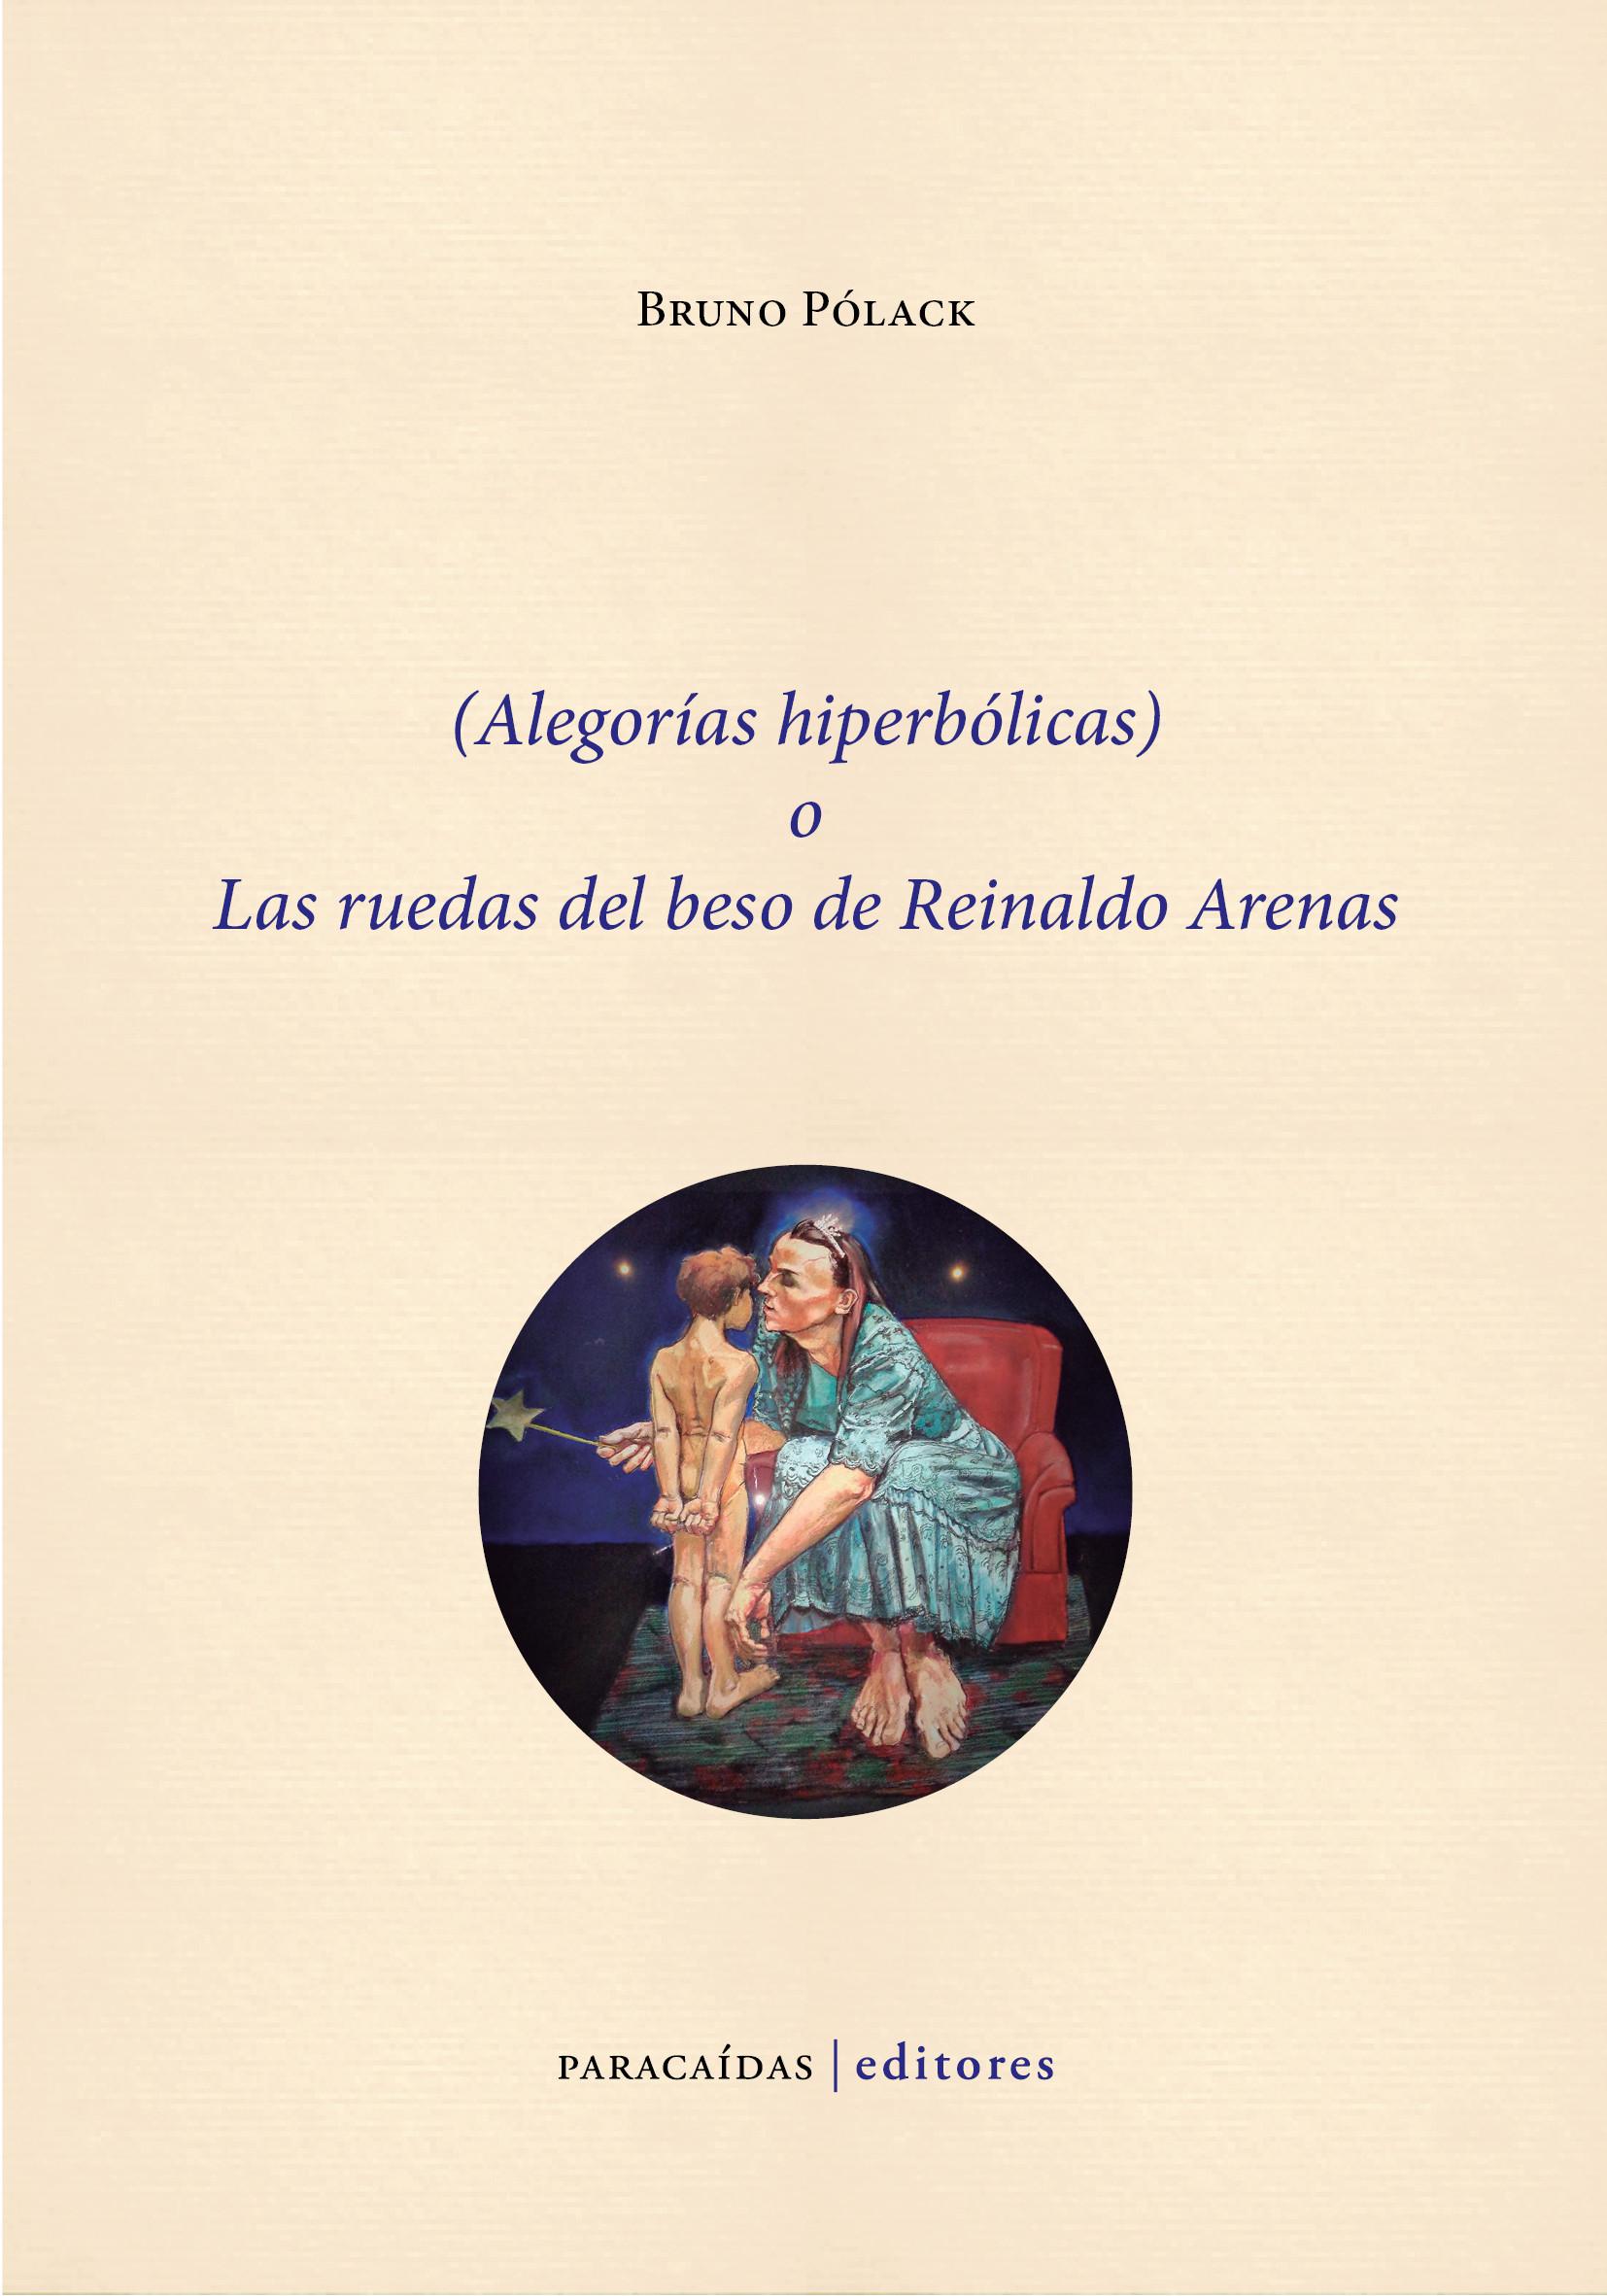 Alegorías hiperbólicas o Las ruedas del beso de Reinaldo Arenas